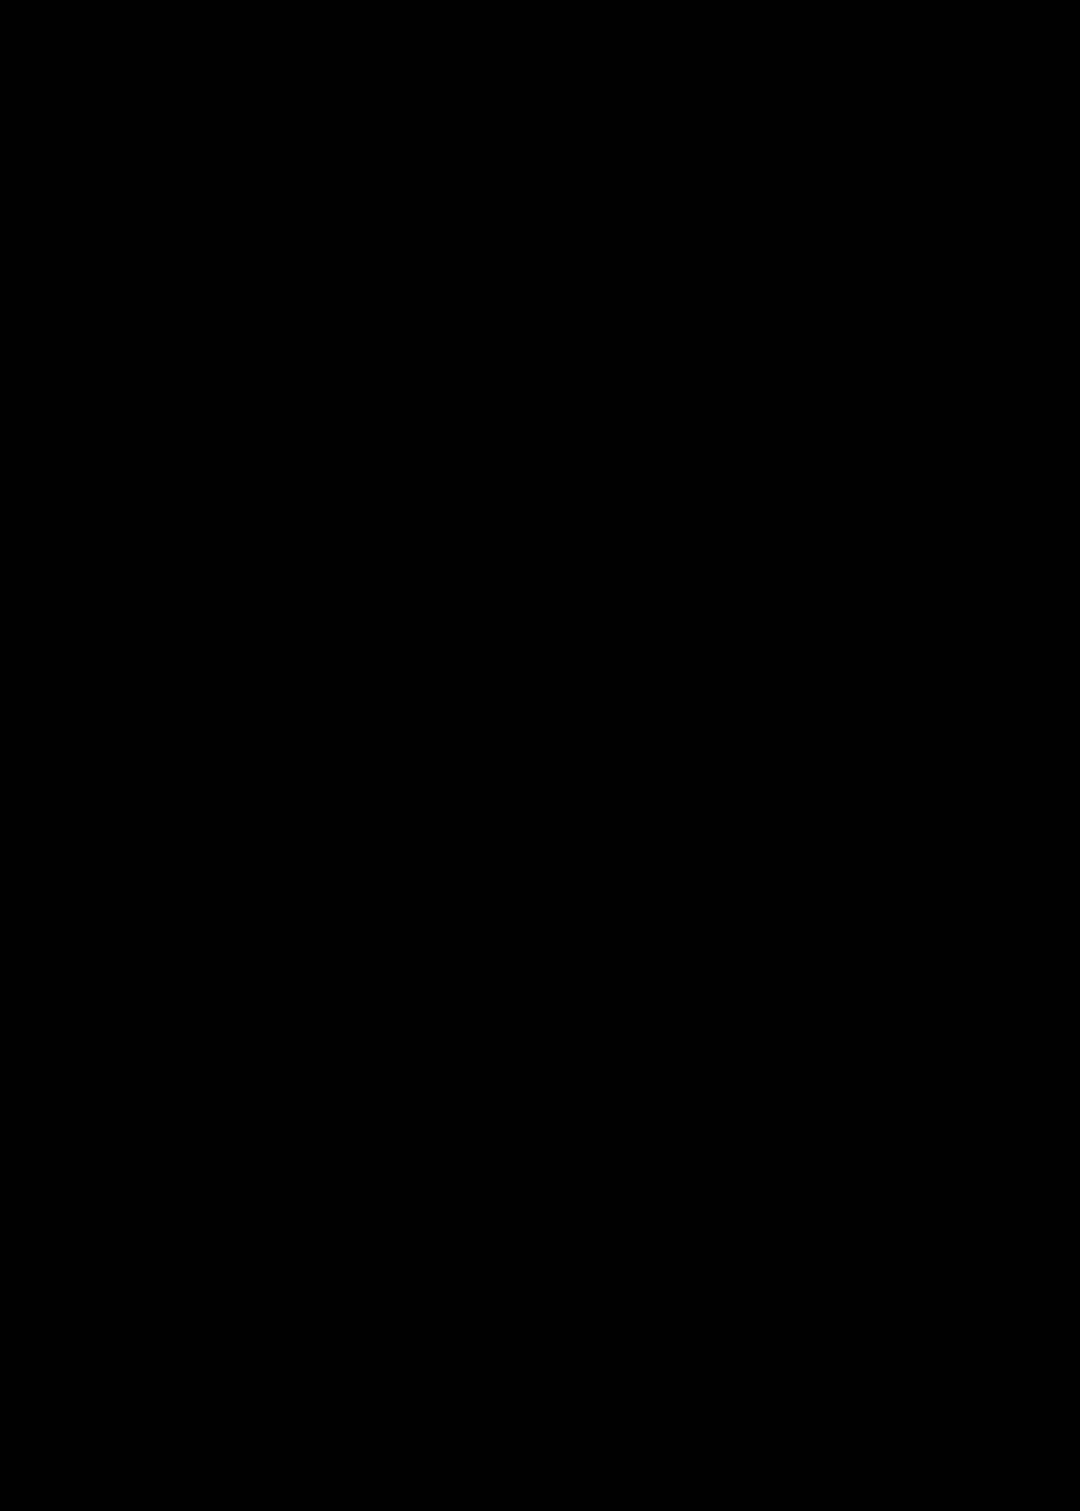 【エロ同人誌】敵に拘束され吊るされた状態の不知火舞…容赦なく腹パンを食らい実験動物として扱われるための開発中の薬を身体の数カ所に注射される!【OVing (おぶい):変態おっぱいくのいち/キングオブファイターズ】